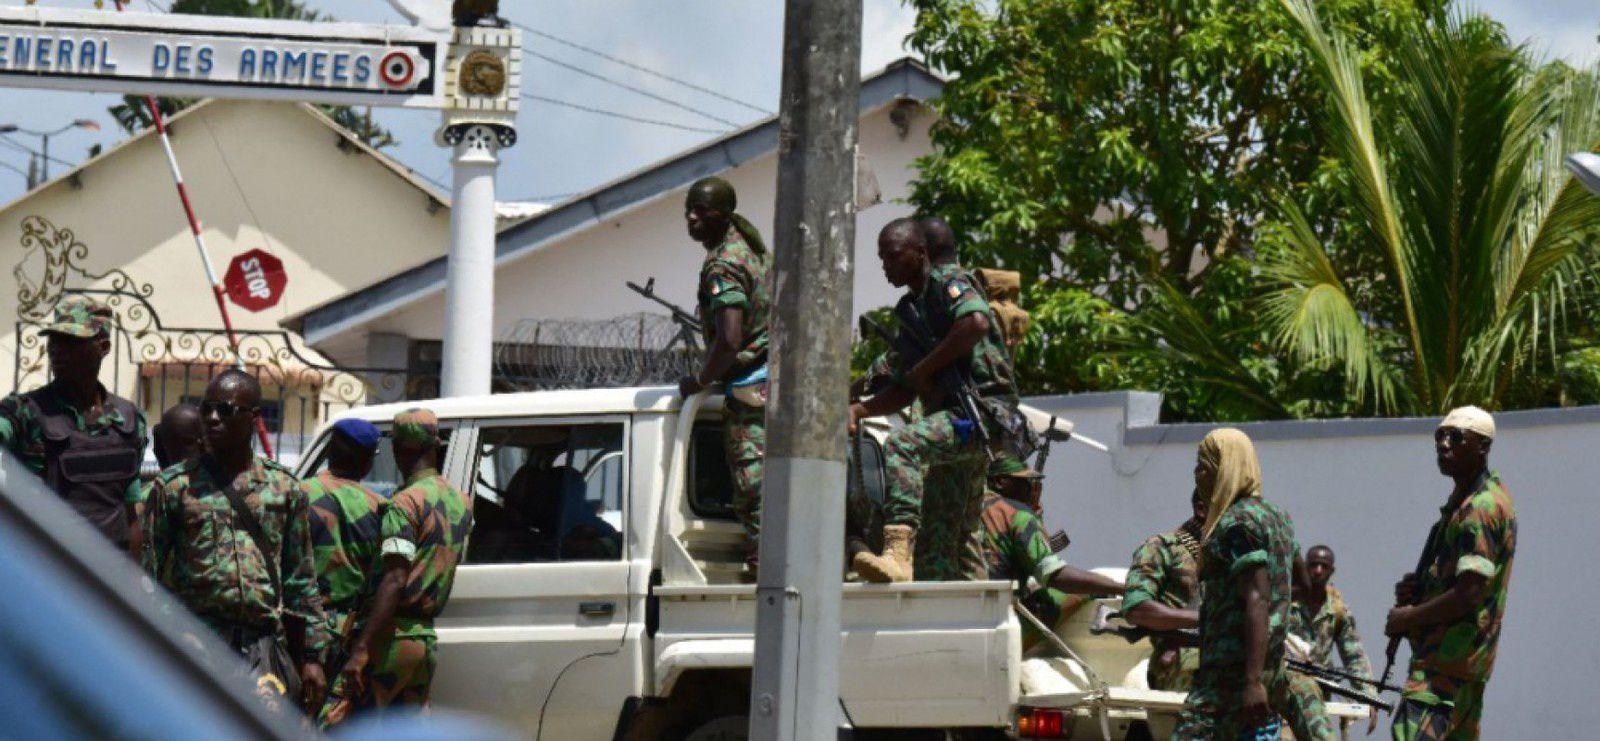 Côte d'Ivoire: un contingent dit « 2600 » a tenté une action de mutinerie (Oeil d'Afrique)